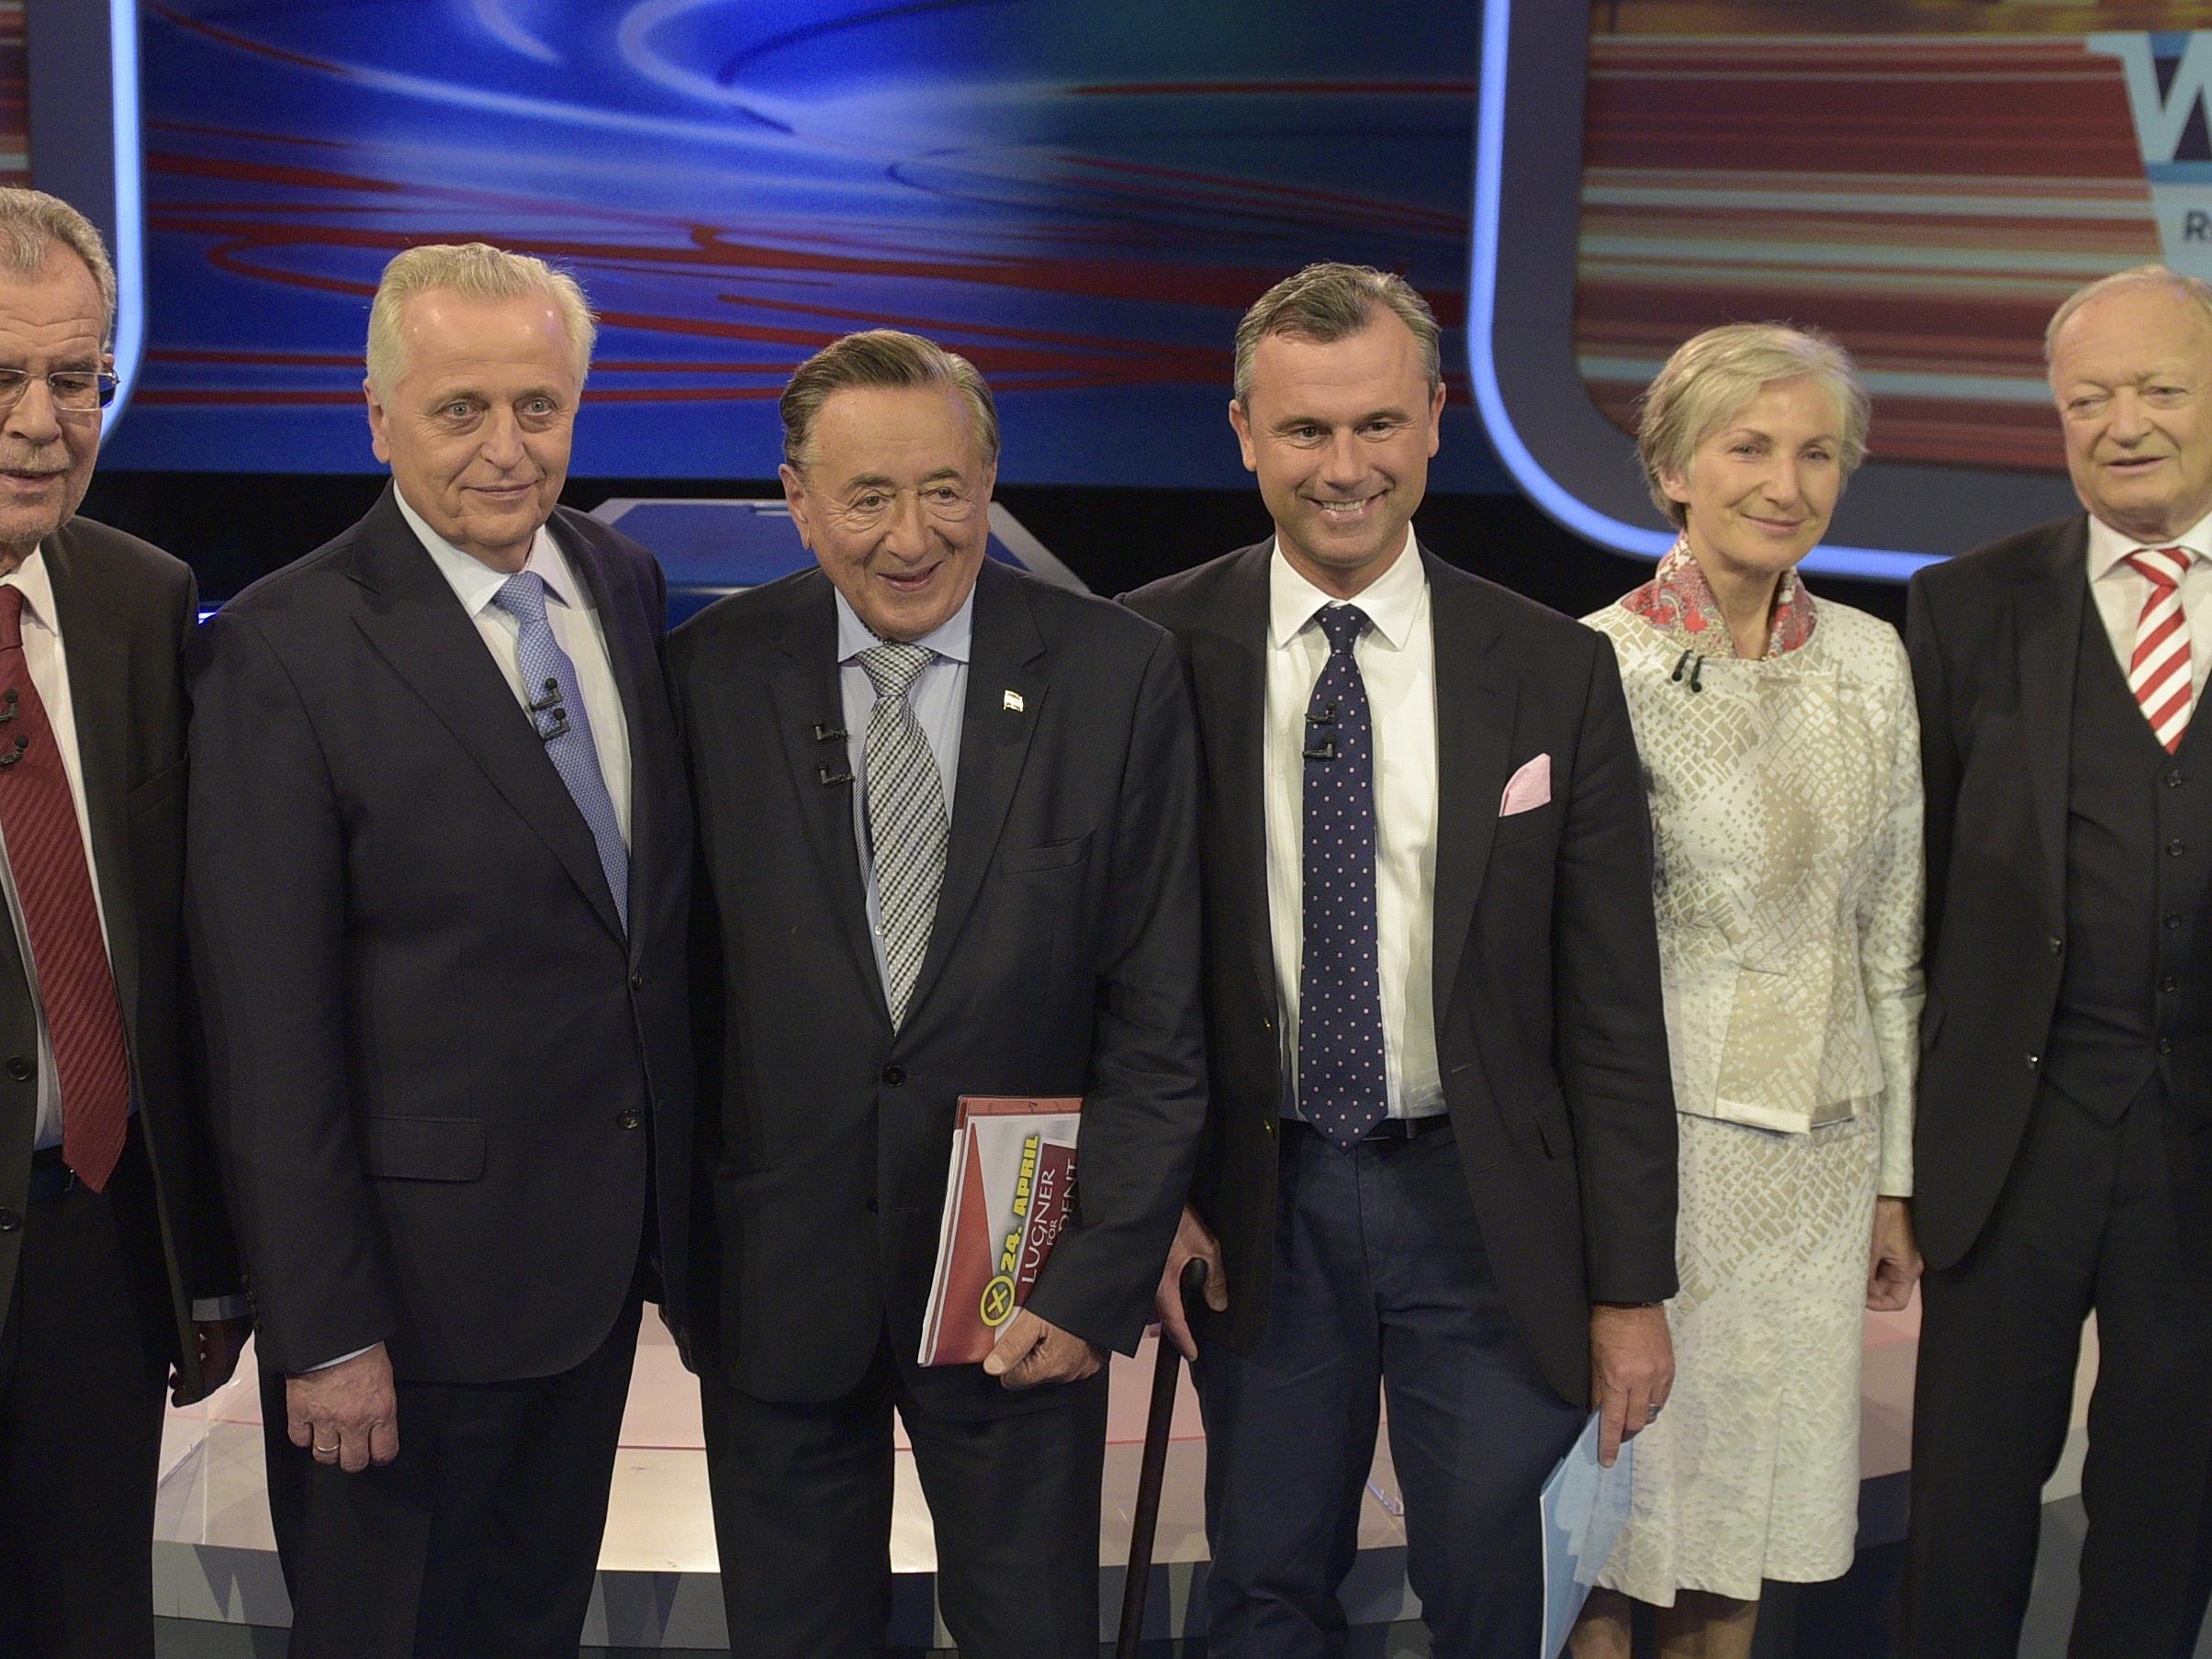 Die sechs Bundespräsidentschafts-Kandidaten verbirngen den Wahlsonntag ganz unterschiedlich.